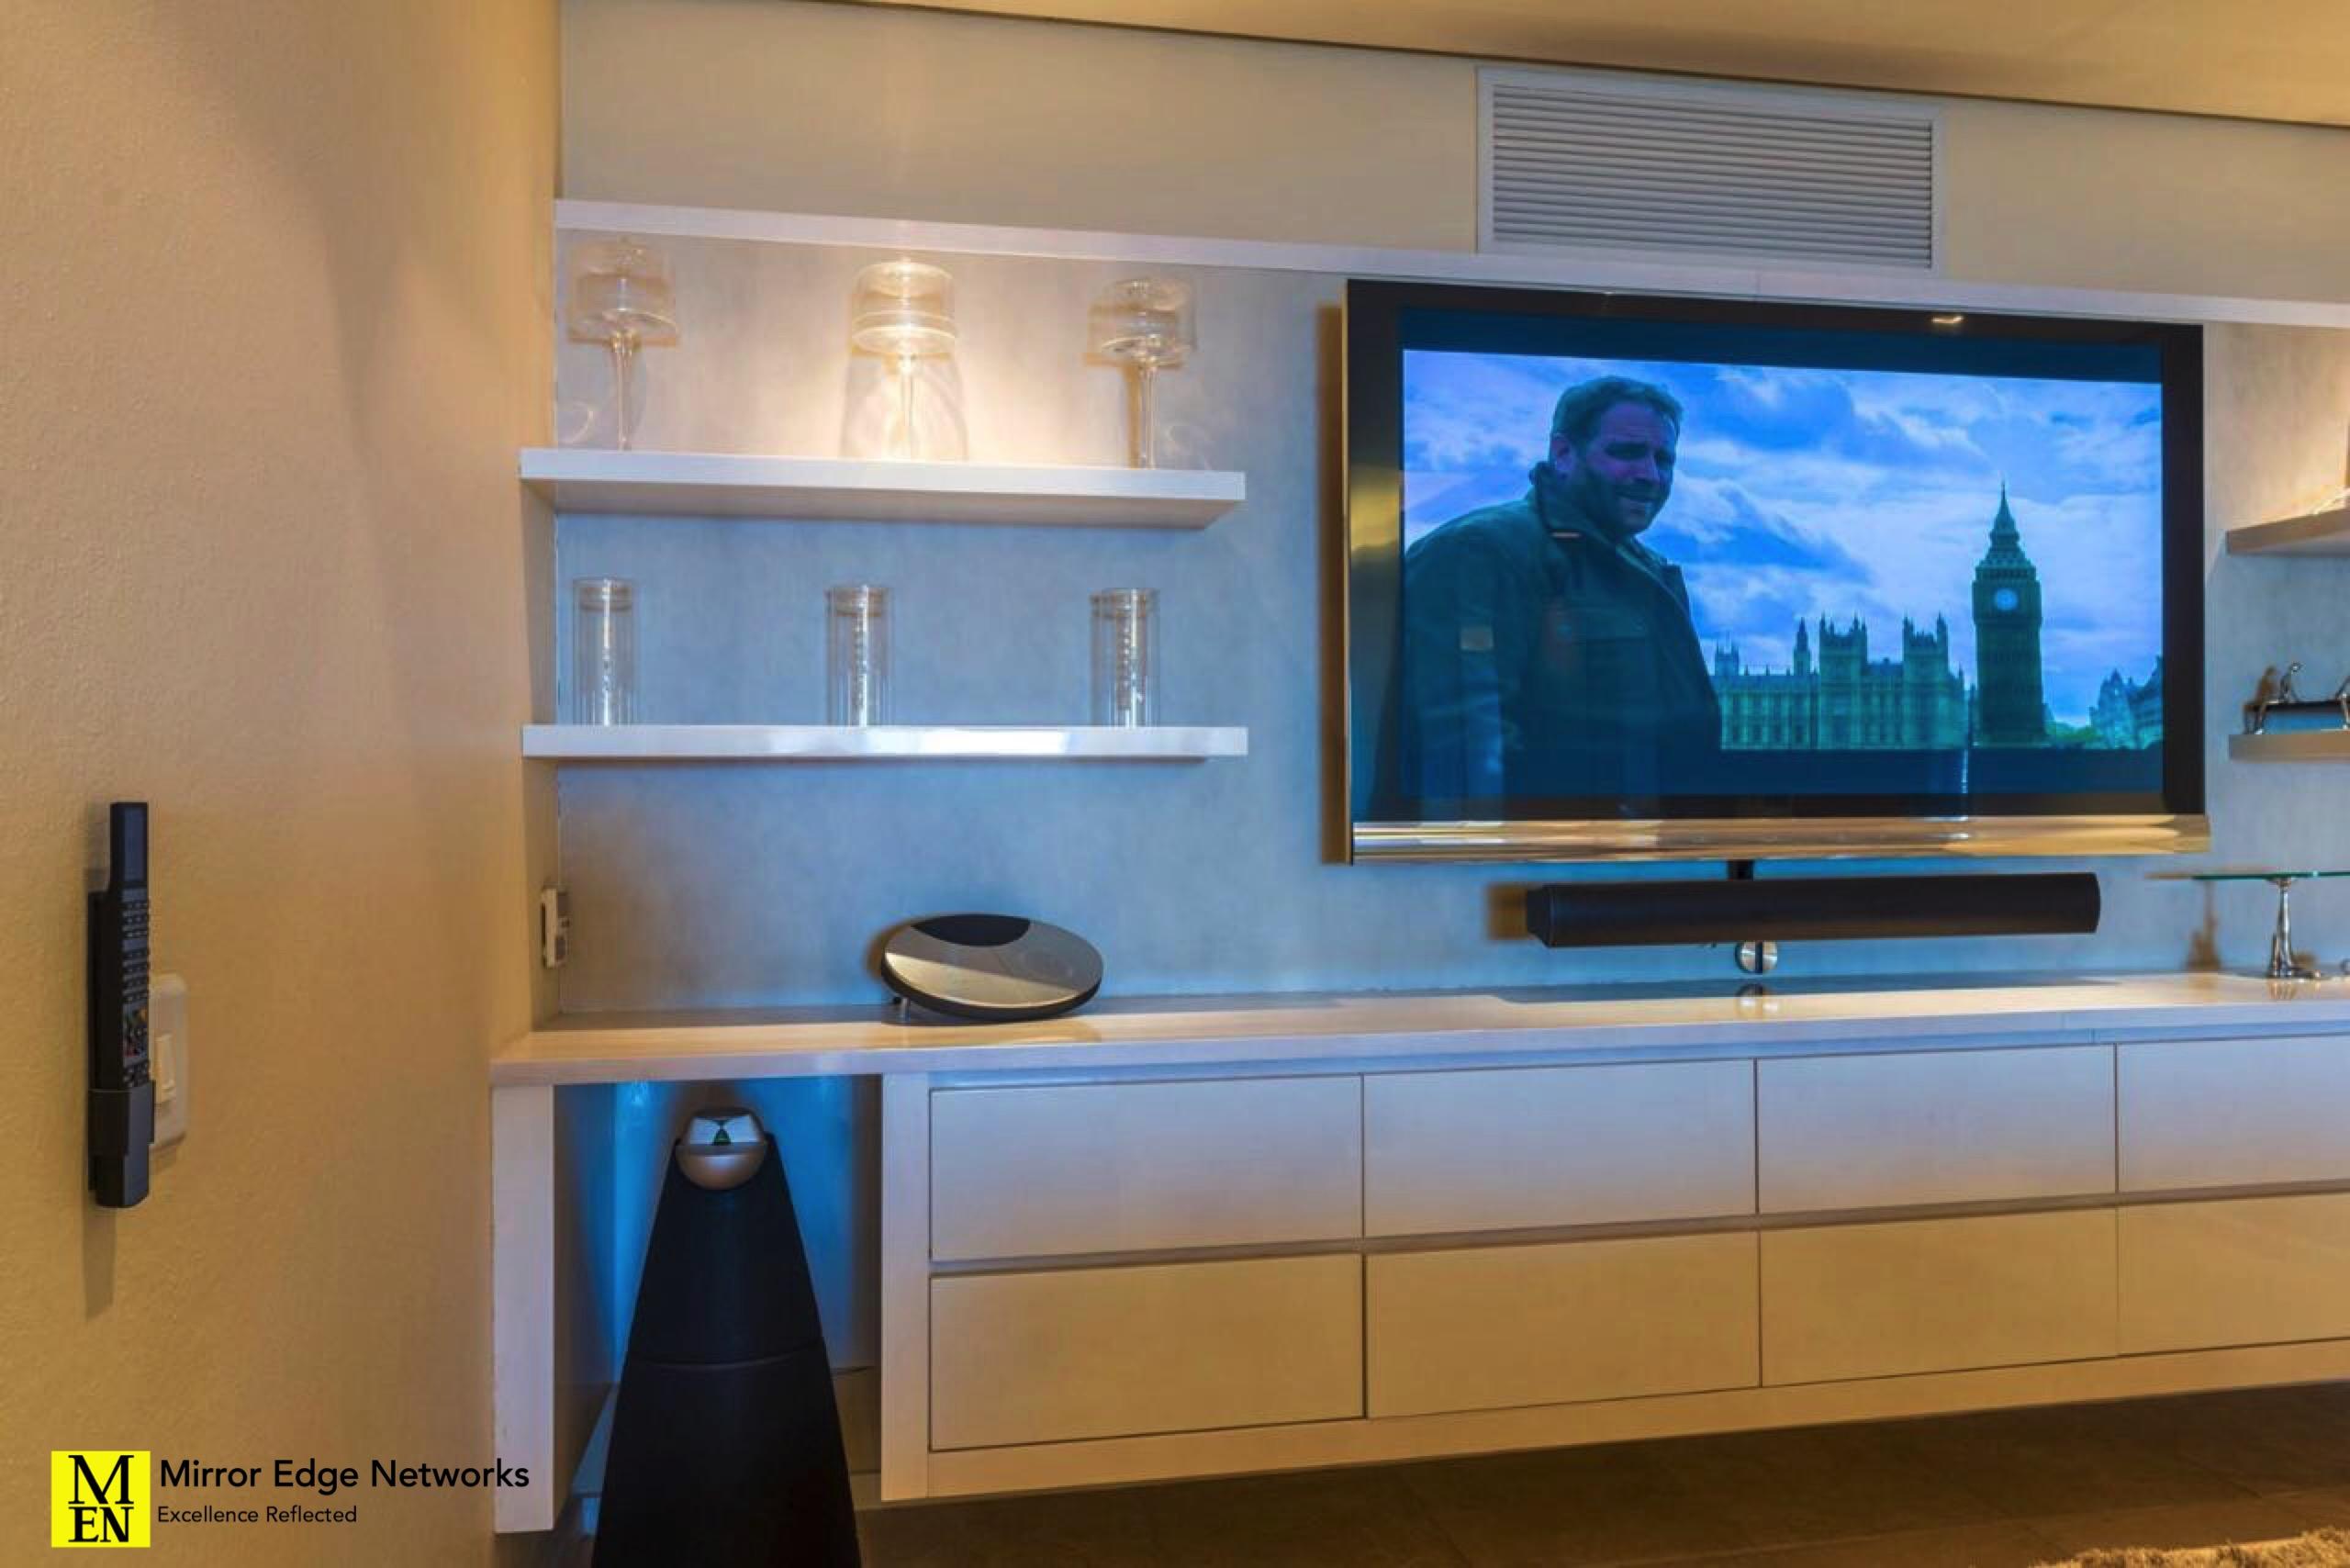 bang en olufsen tv